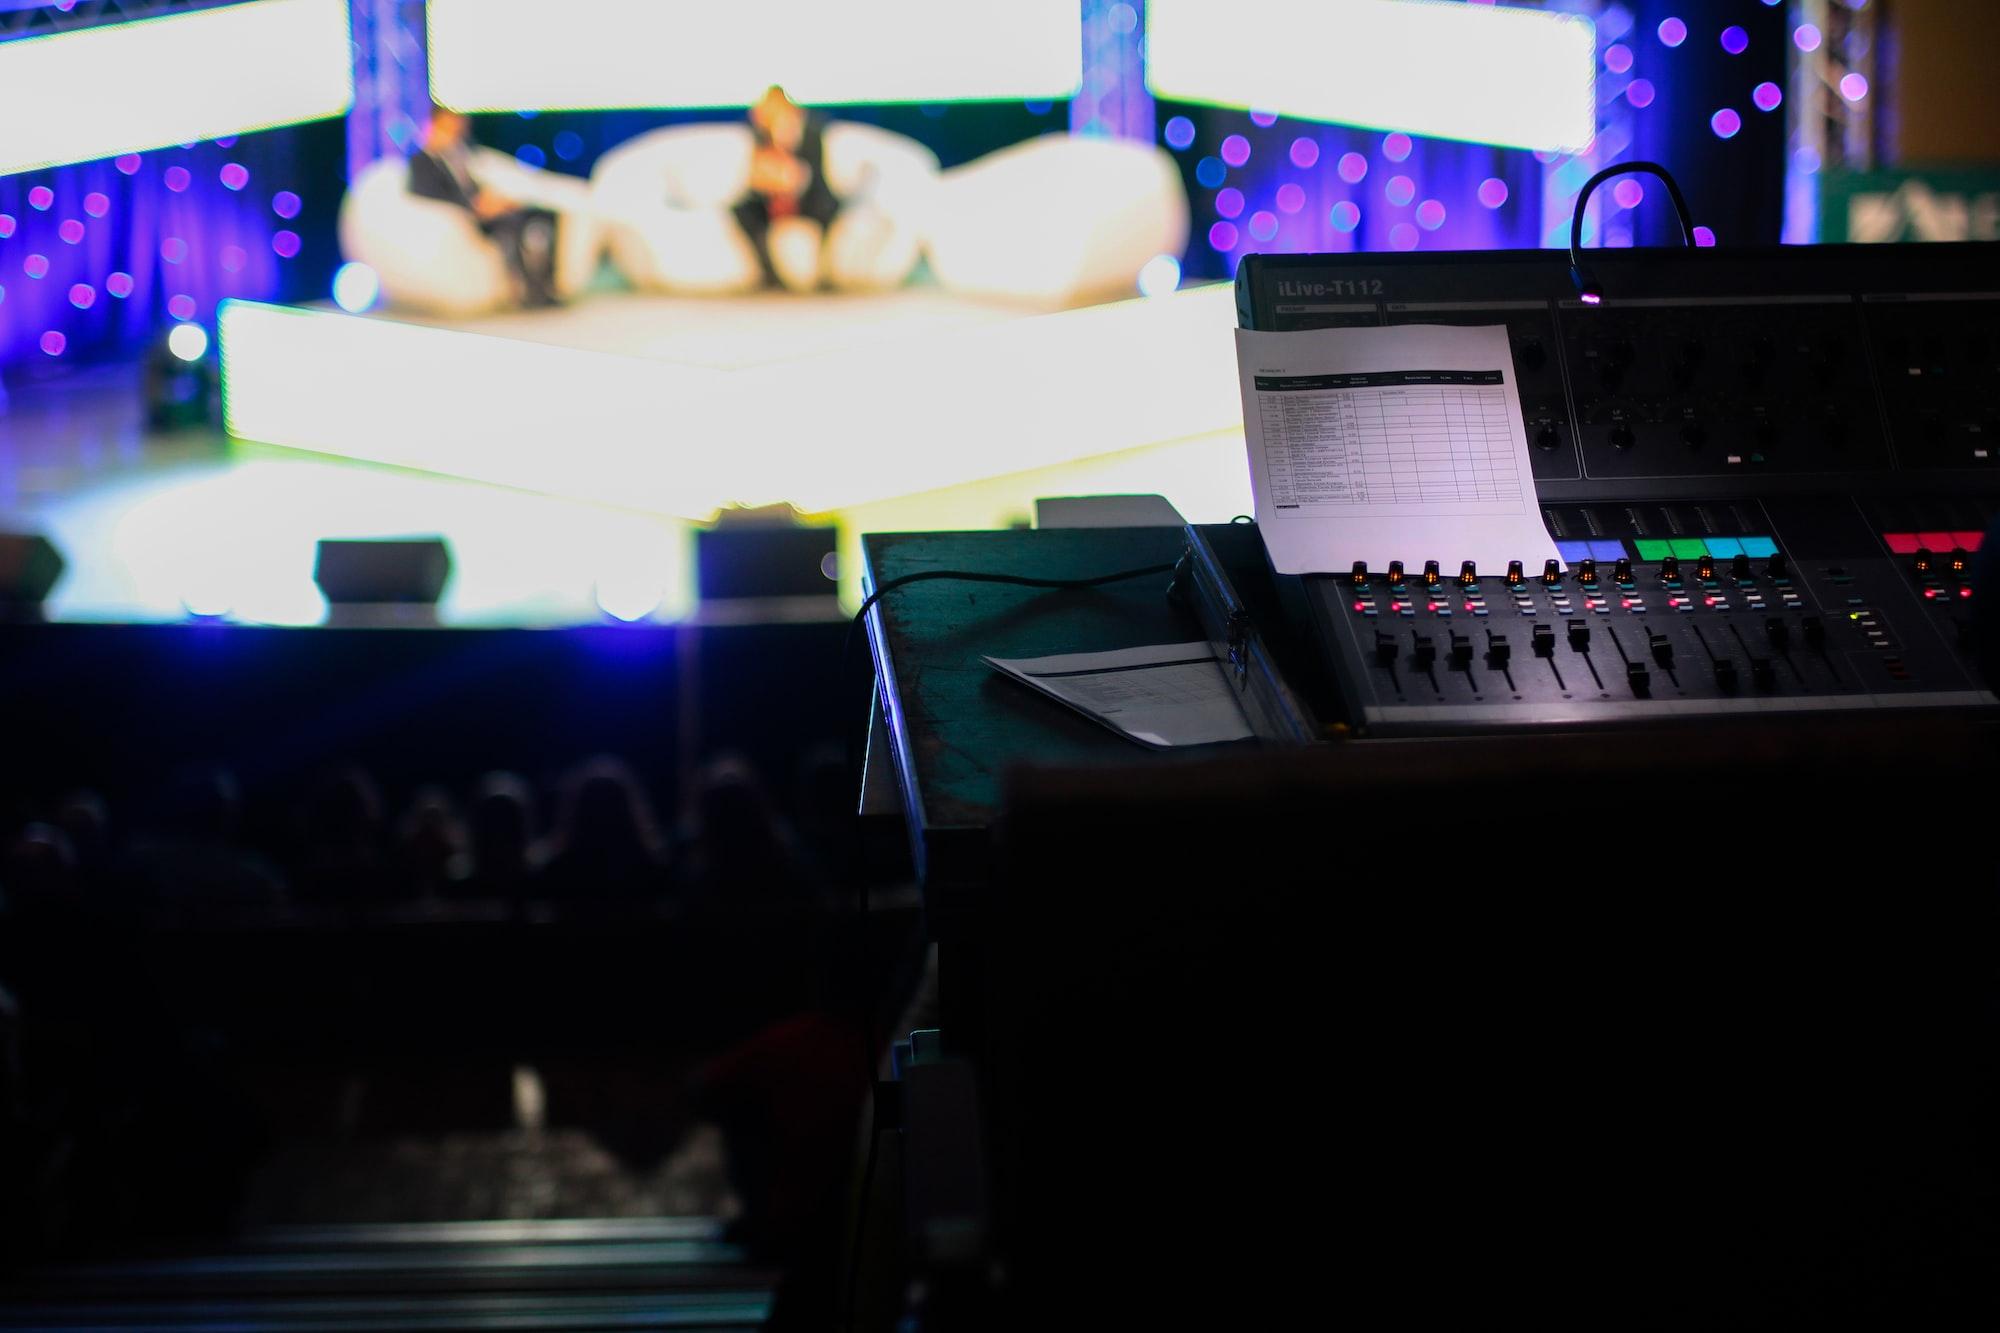 « Le Grand Direct : Ensemble, réinventons le funéraire », rediffusion de l'émission